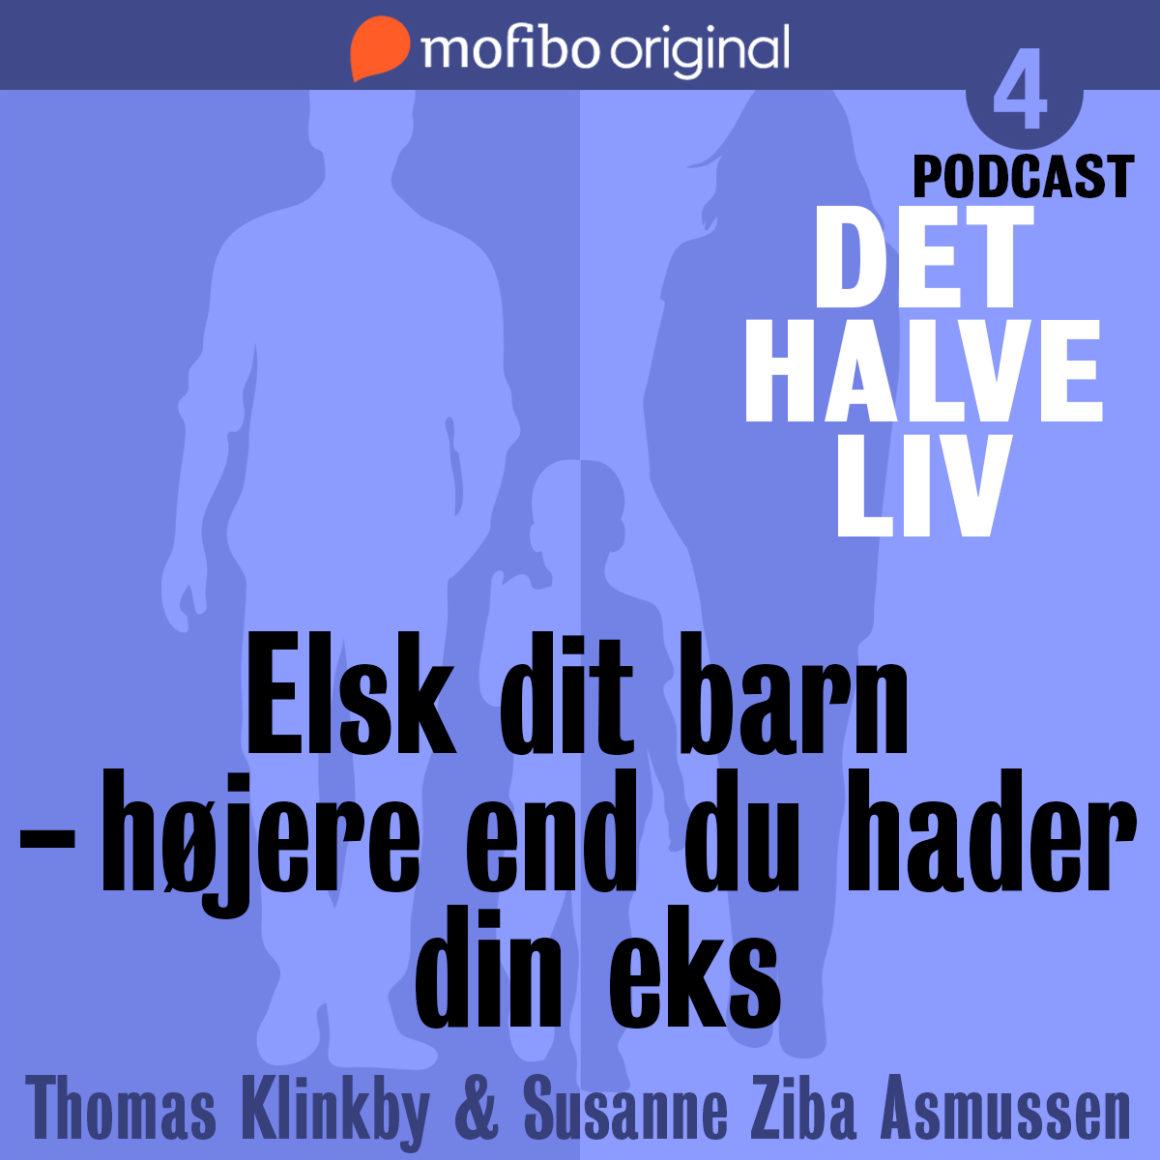 Skilsmisse_det_halve_liv_elsk_dit_barn_højere_end_du_hader_din_eks